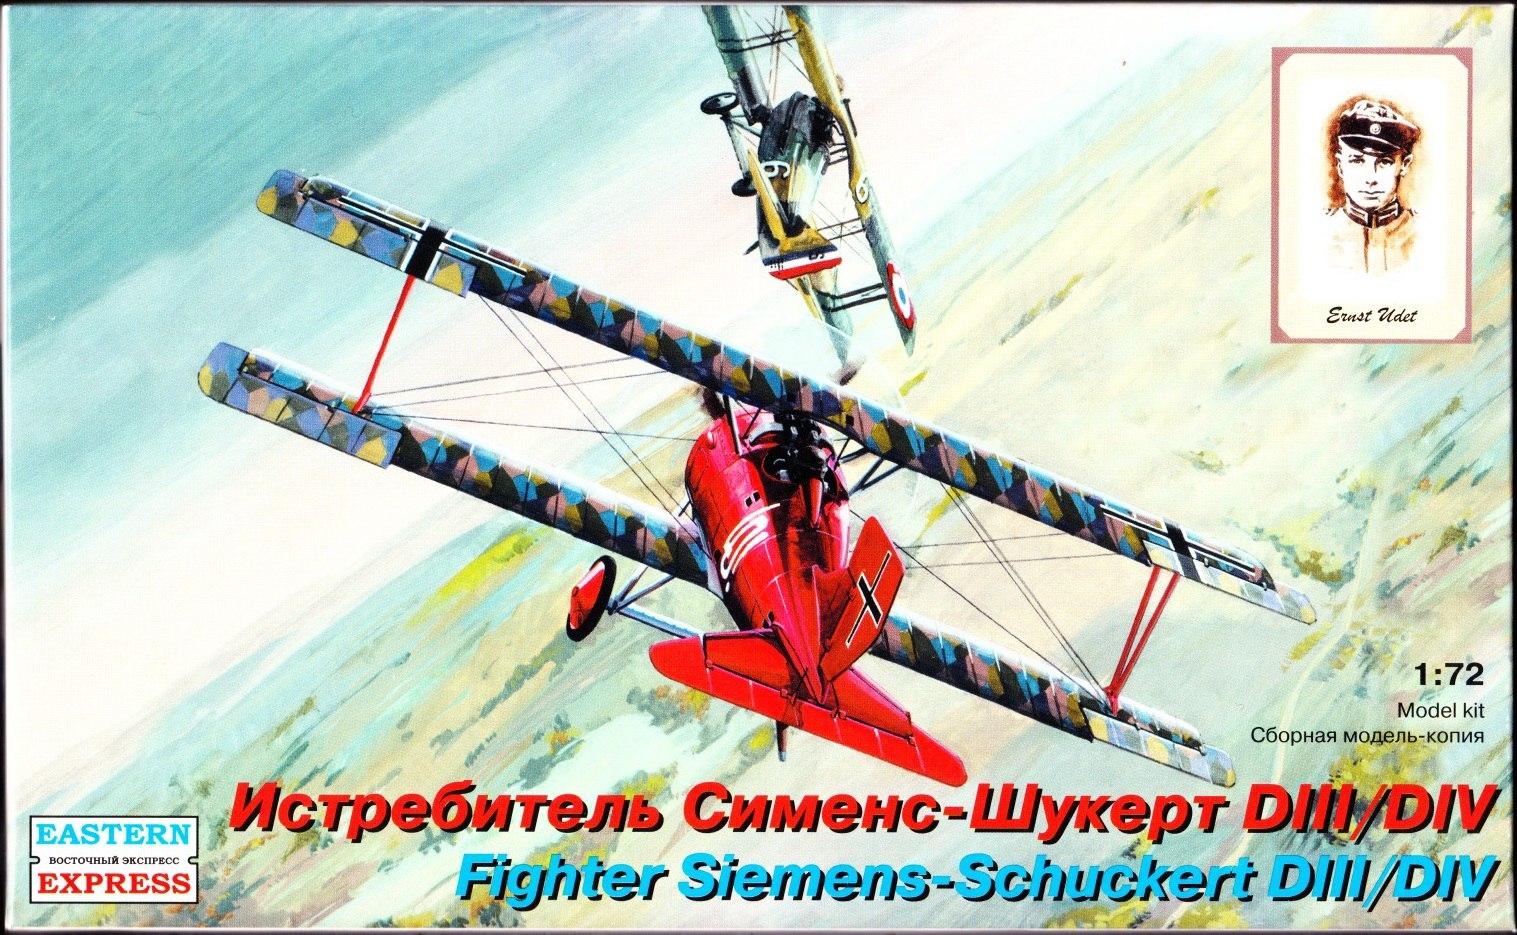 Siemens-Schuckert D.III D.IV 1/72 (ВЭ)  9tLT-JfrA0E